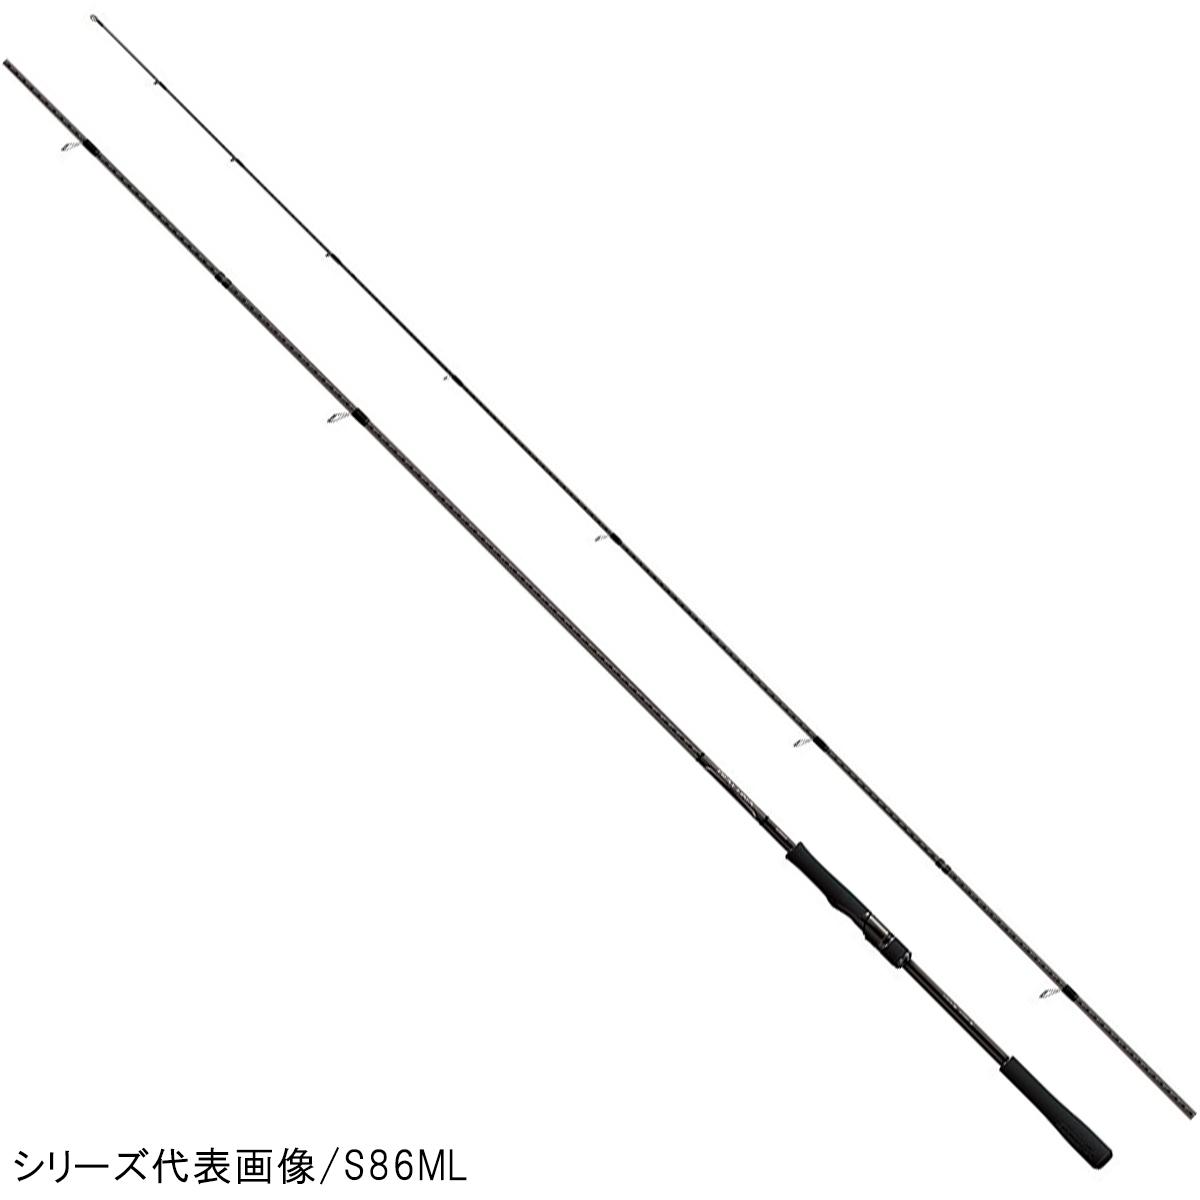 シマノ ディアルーナ (スピニング) S106M【大型商品】(東日本店)